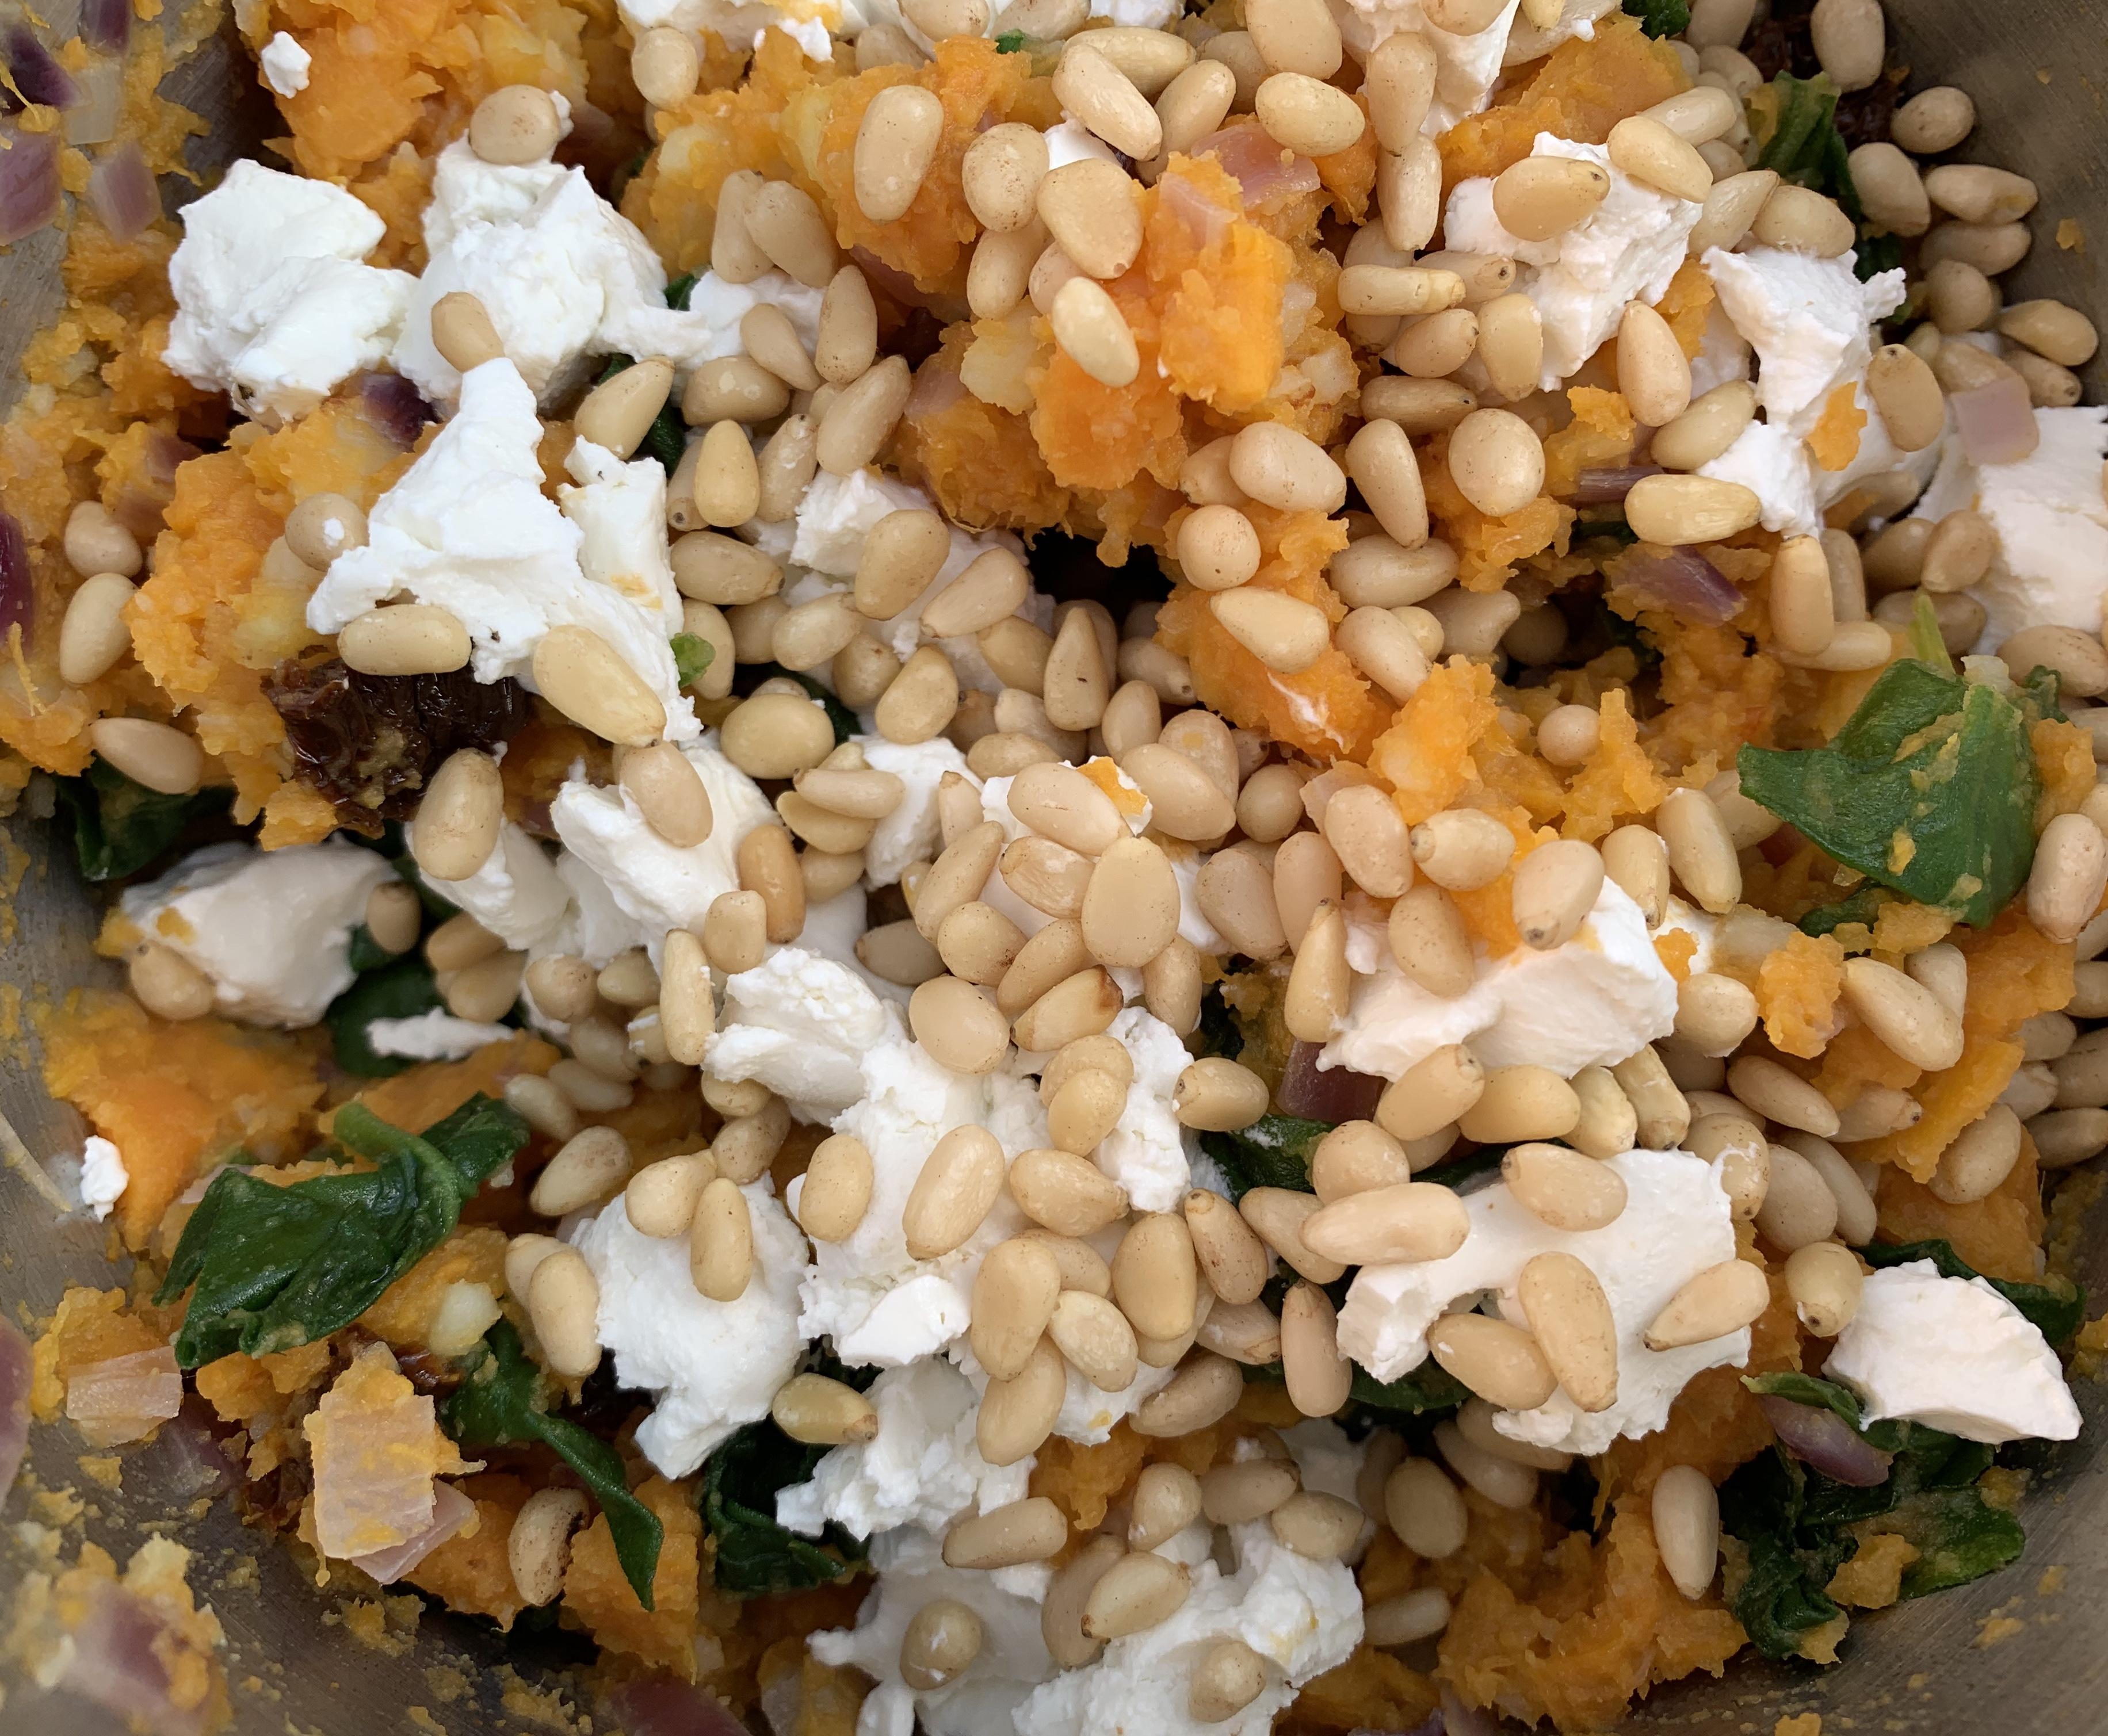 Zoete aardappelstamppot met spinazie en geitenkaas.